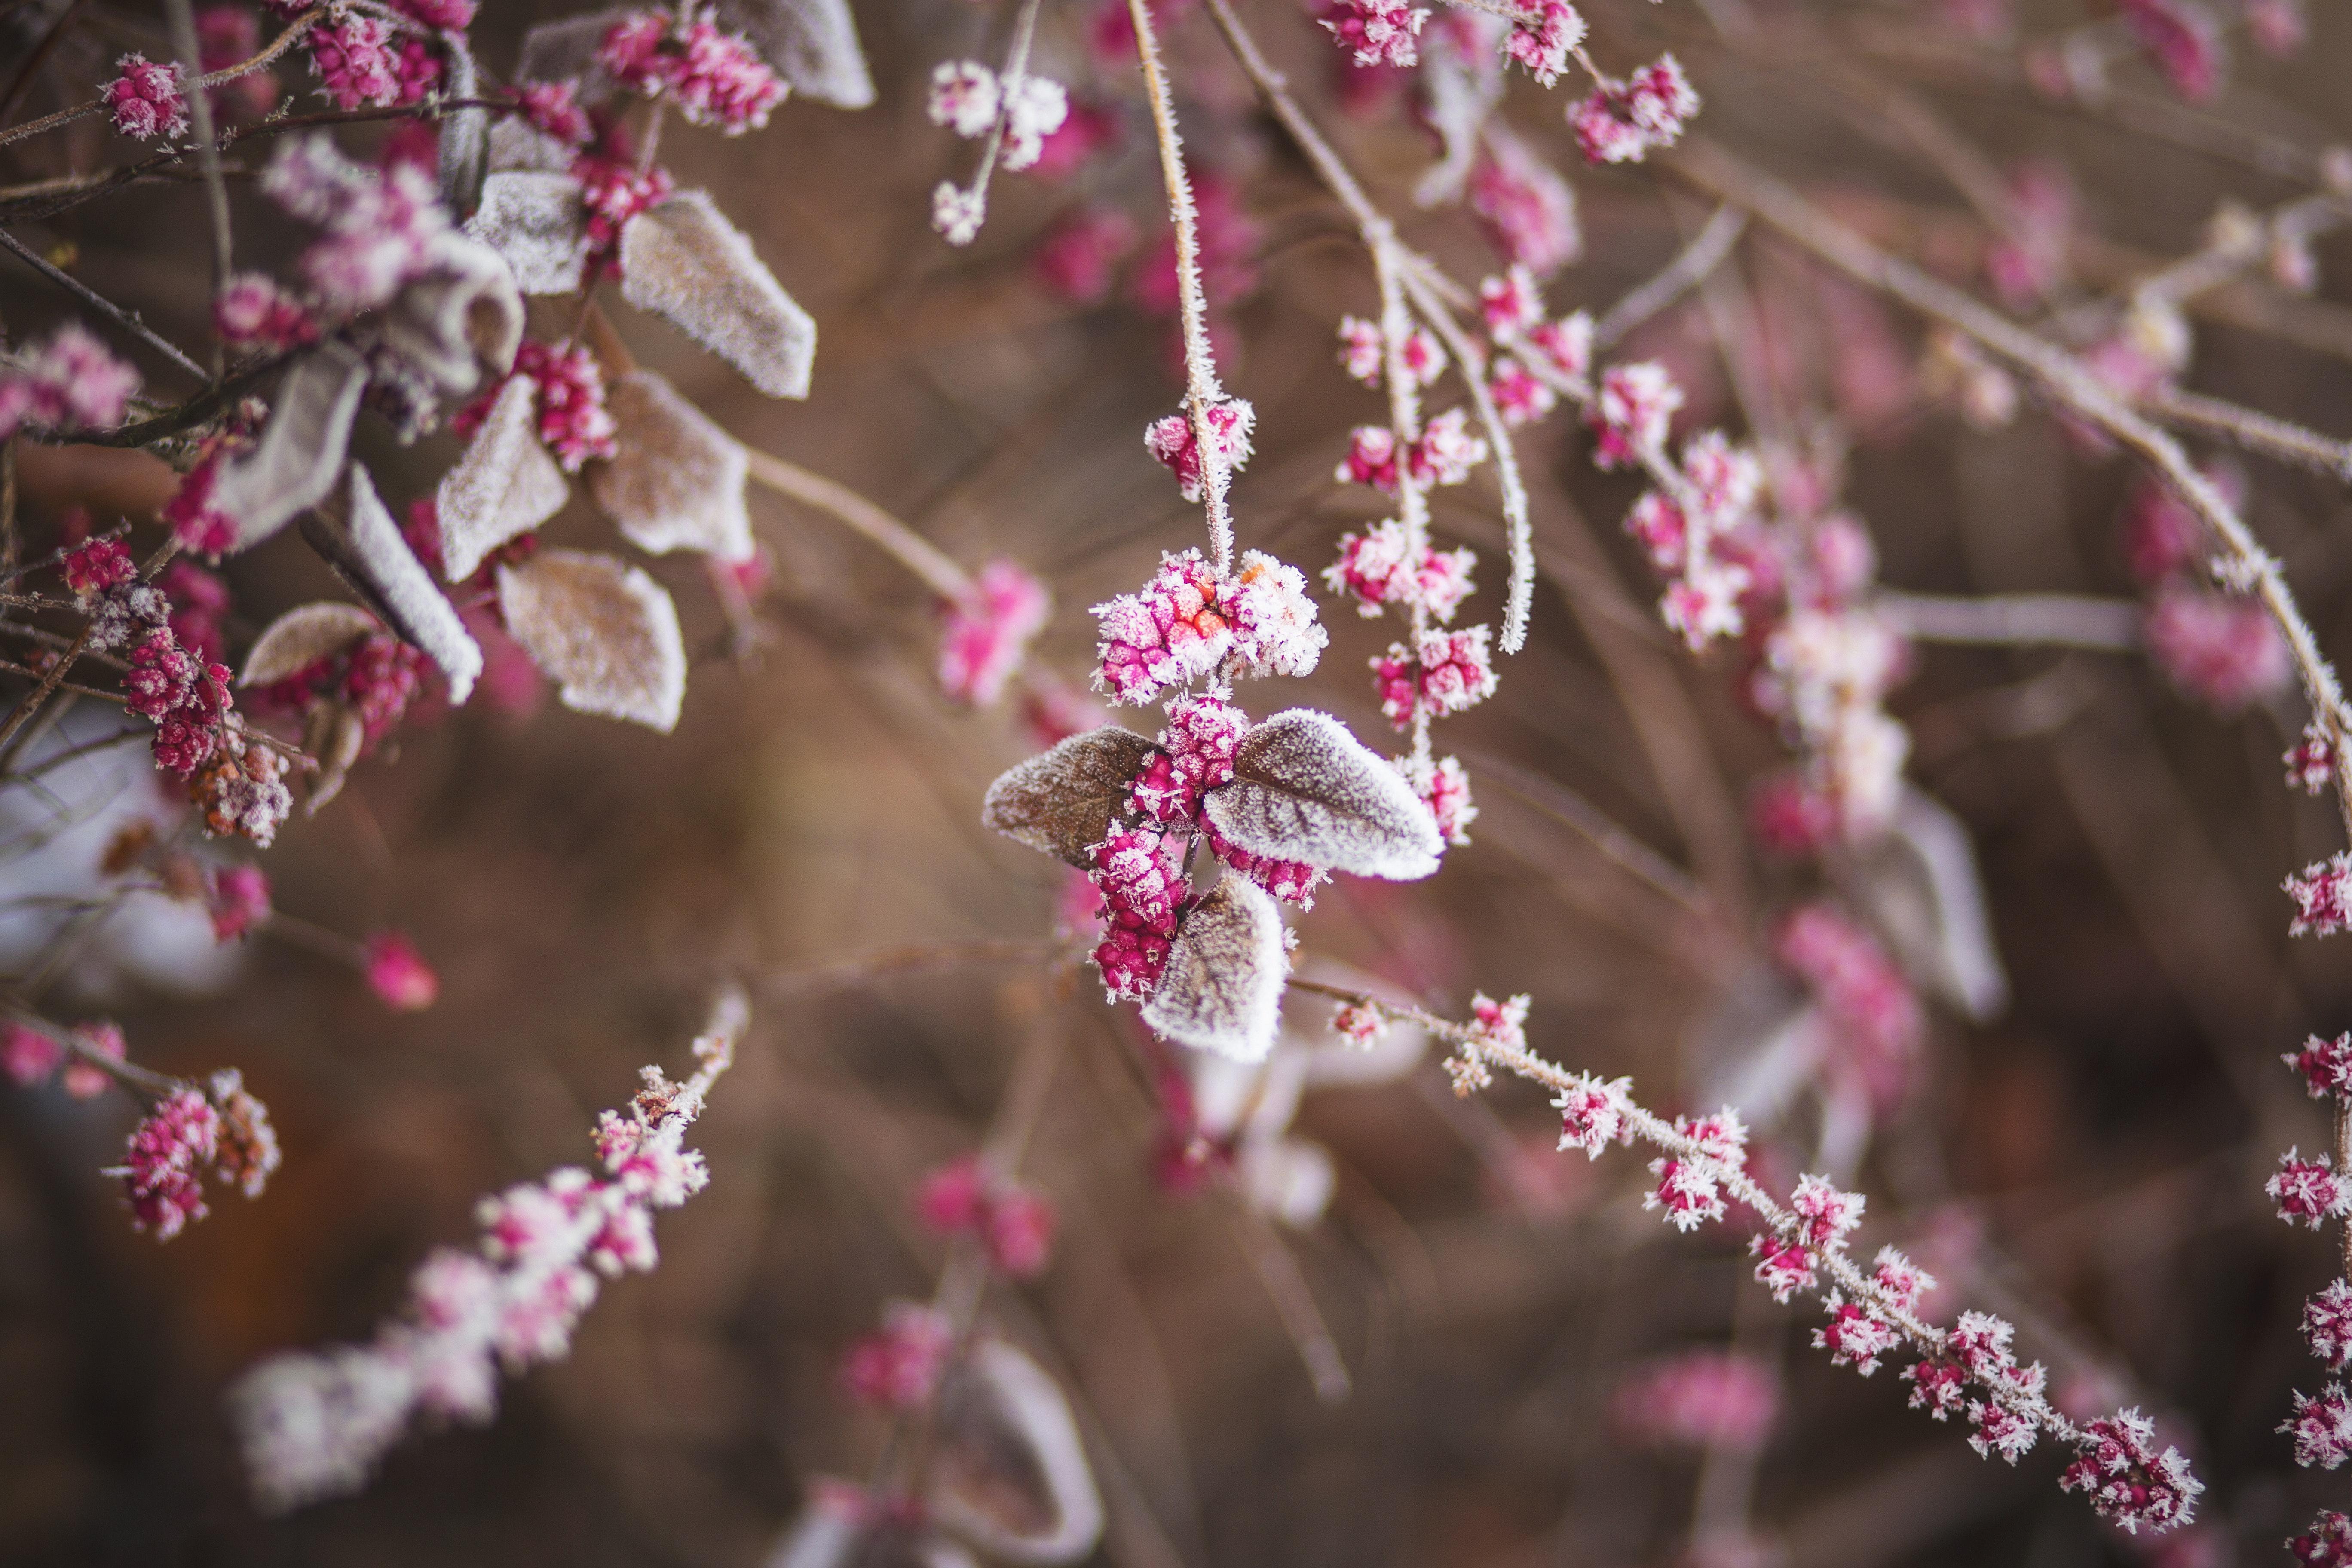 nature-branch-frozen-raspberries-22427